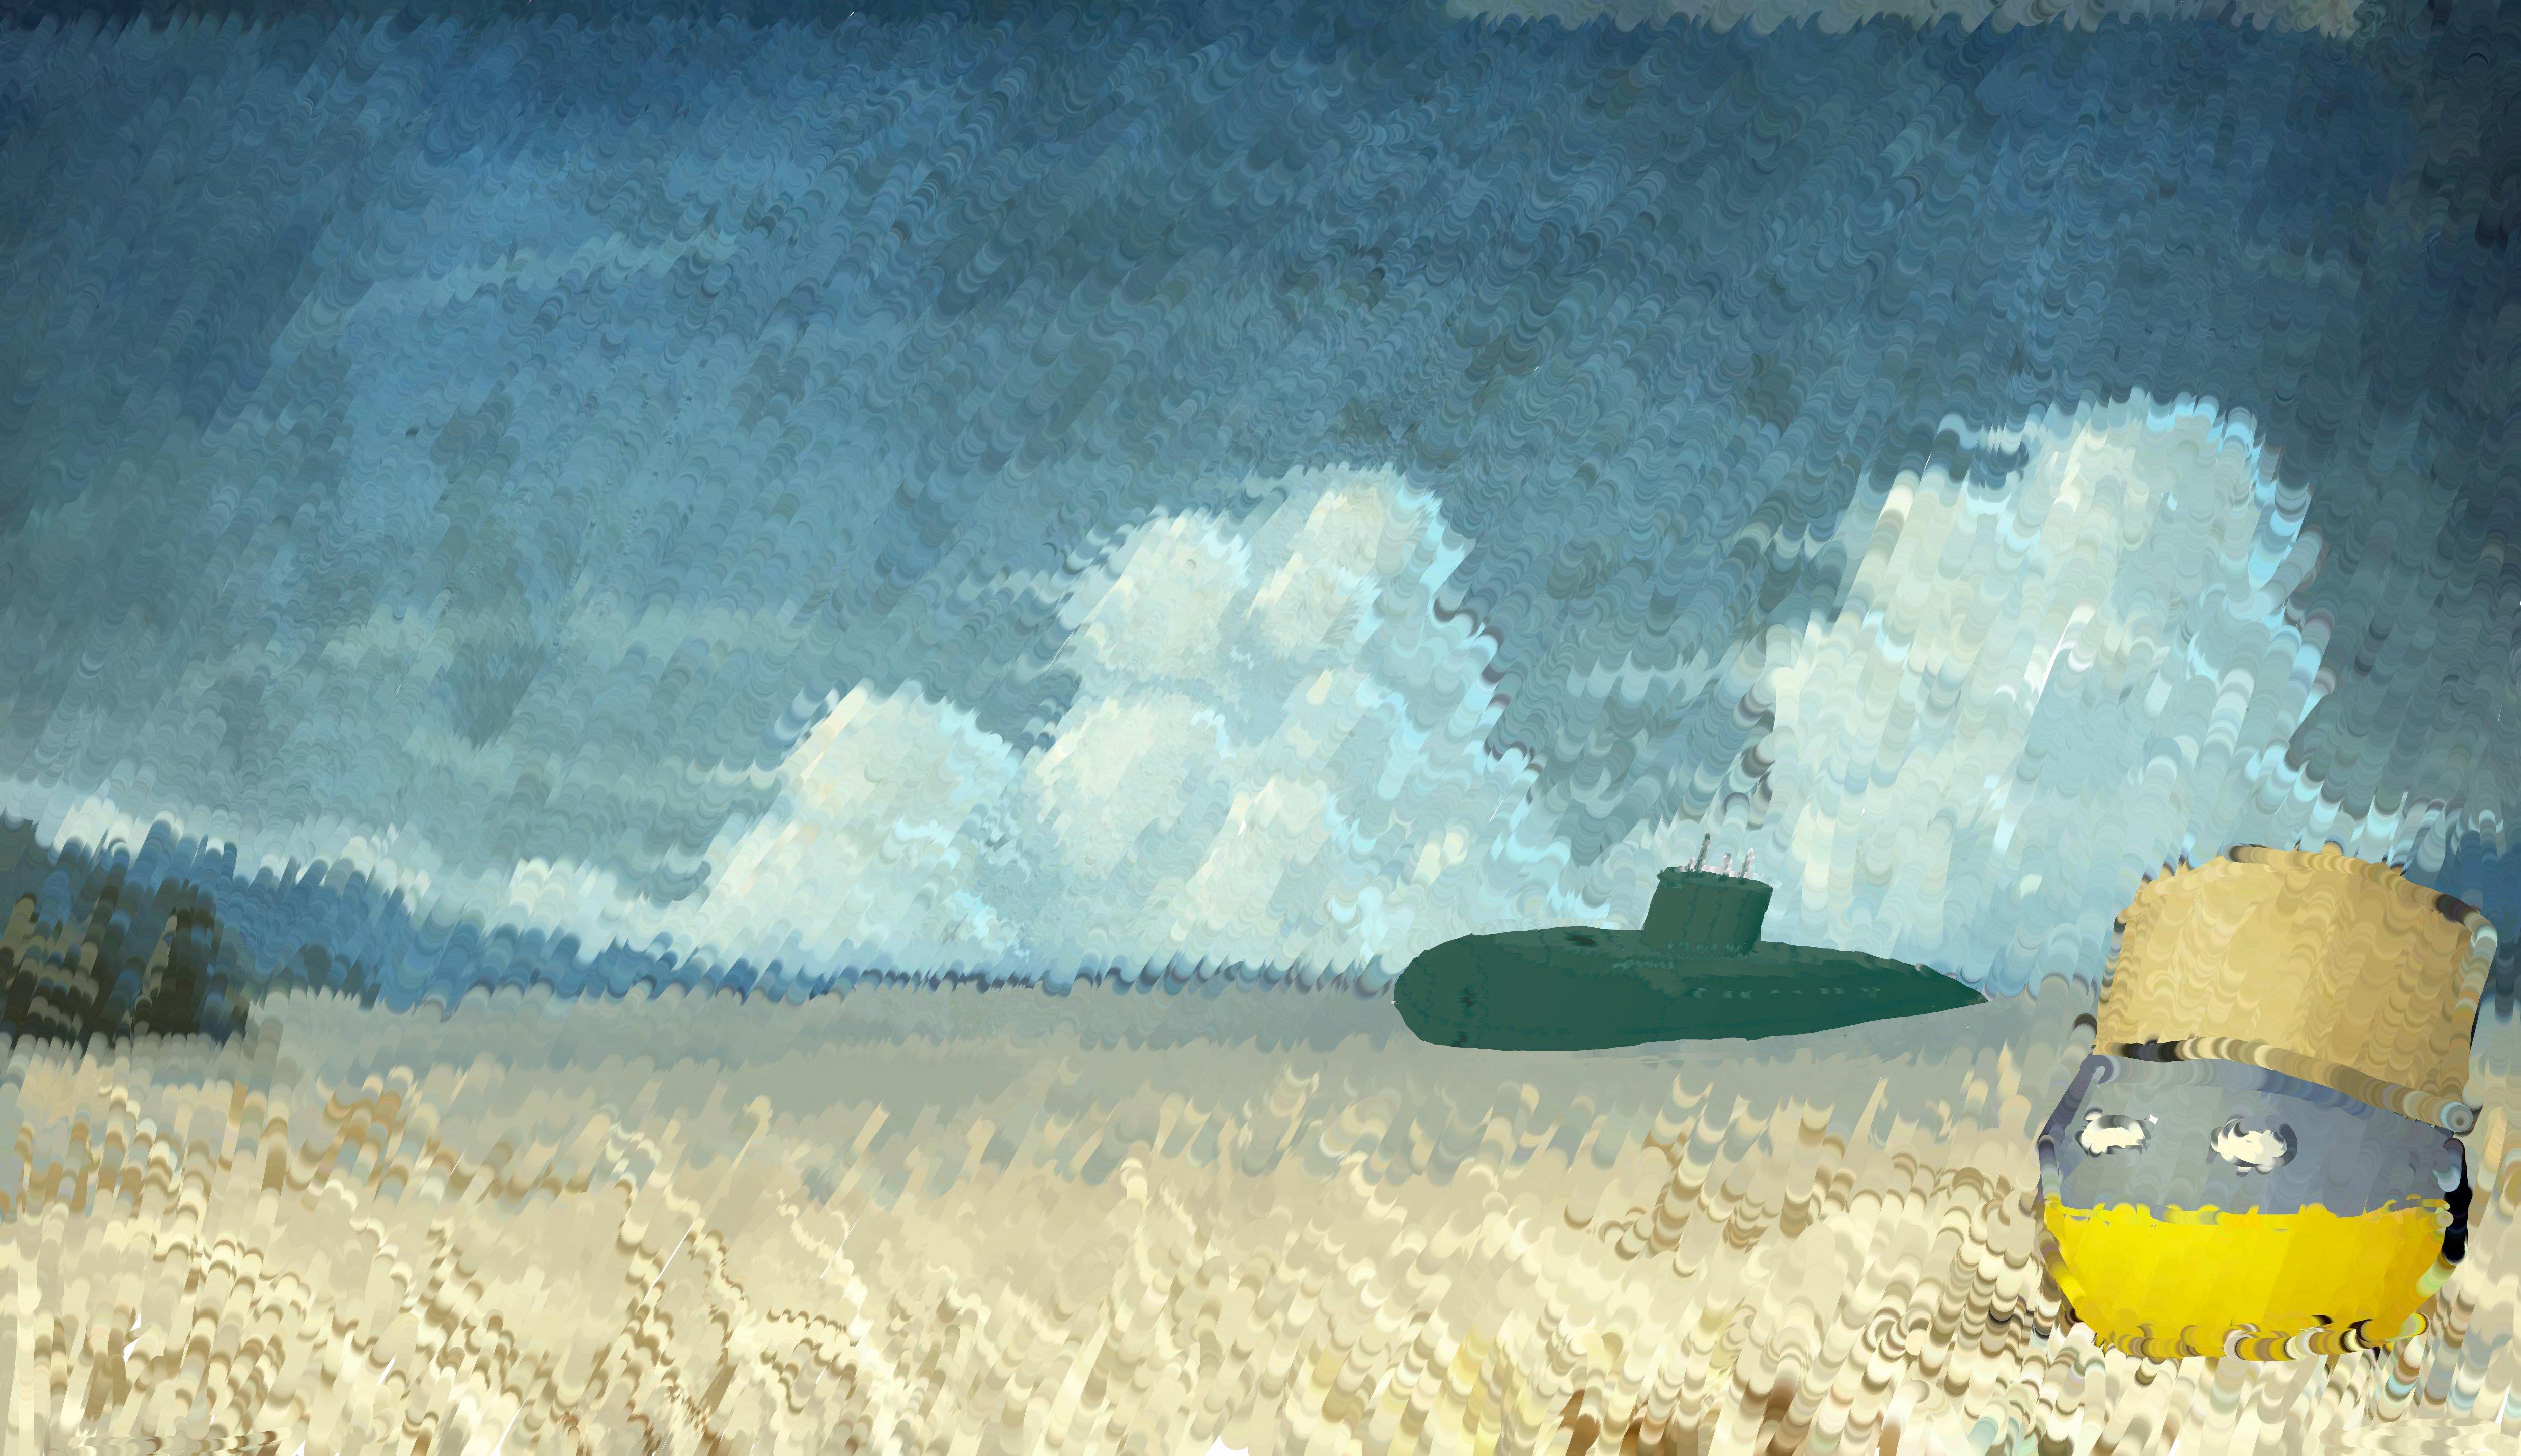 Submarine in the Ukraine